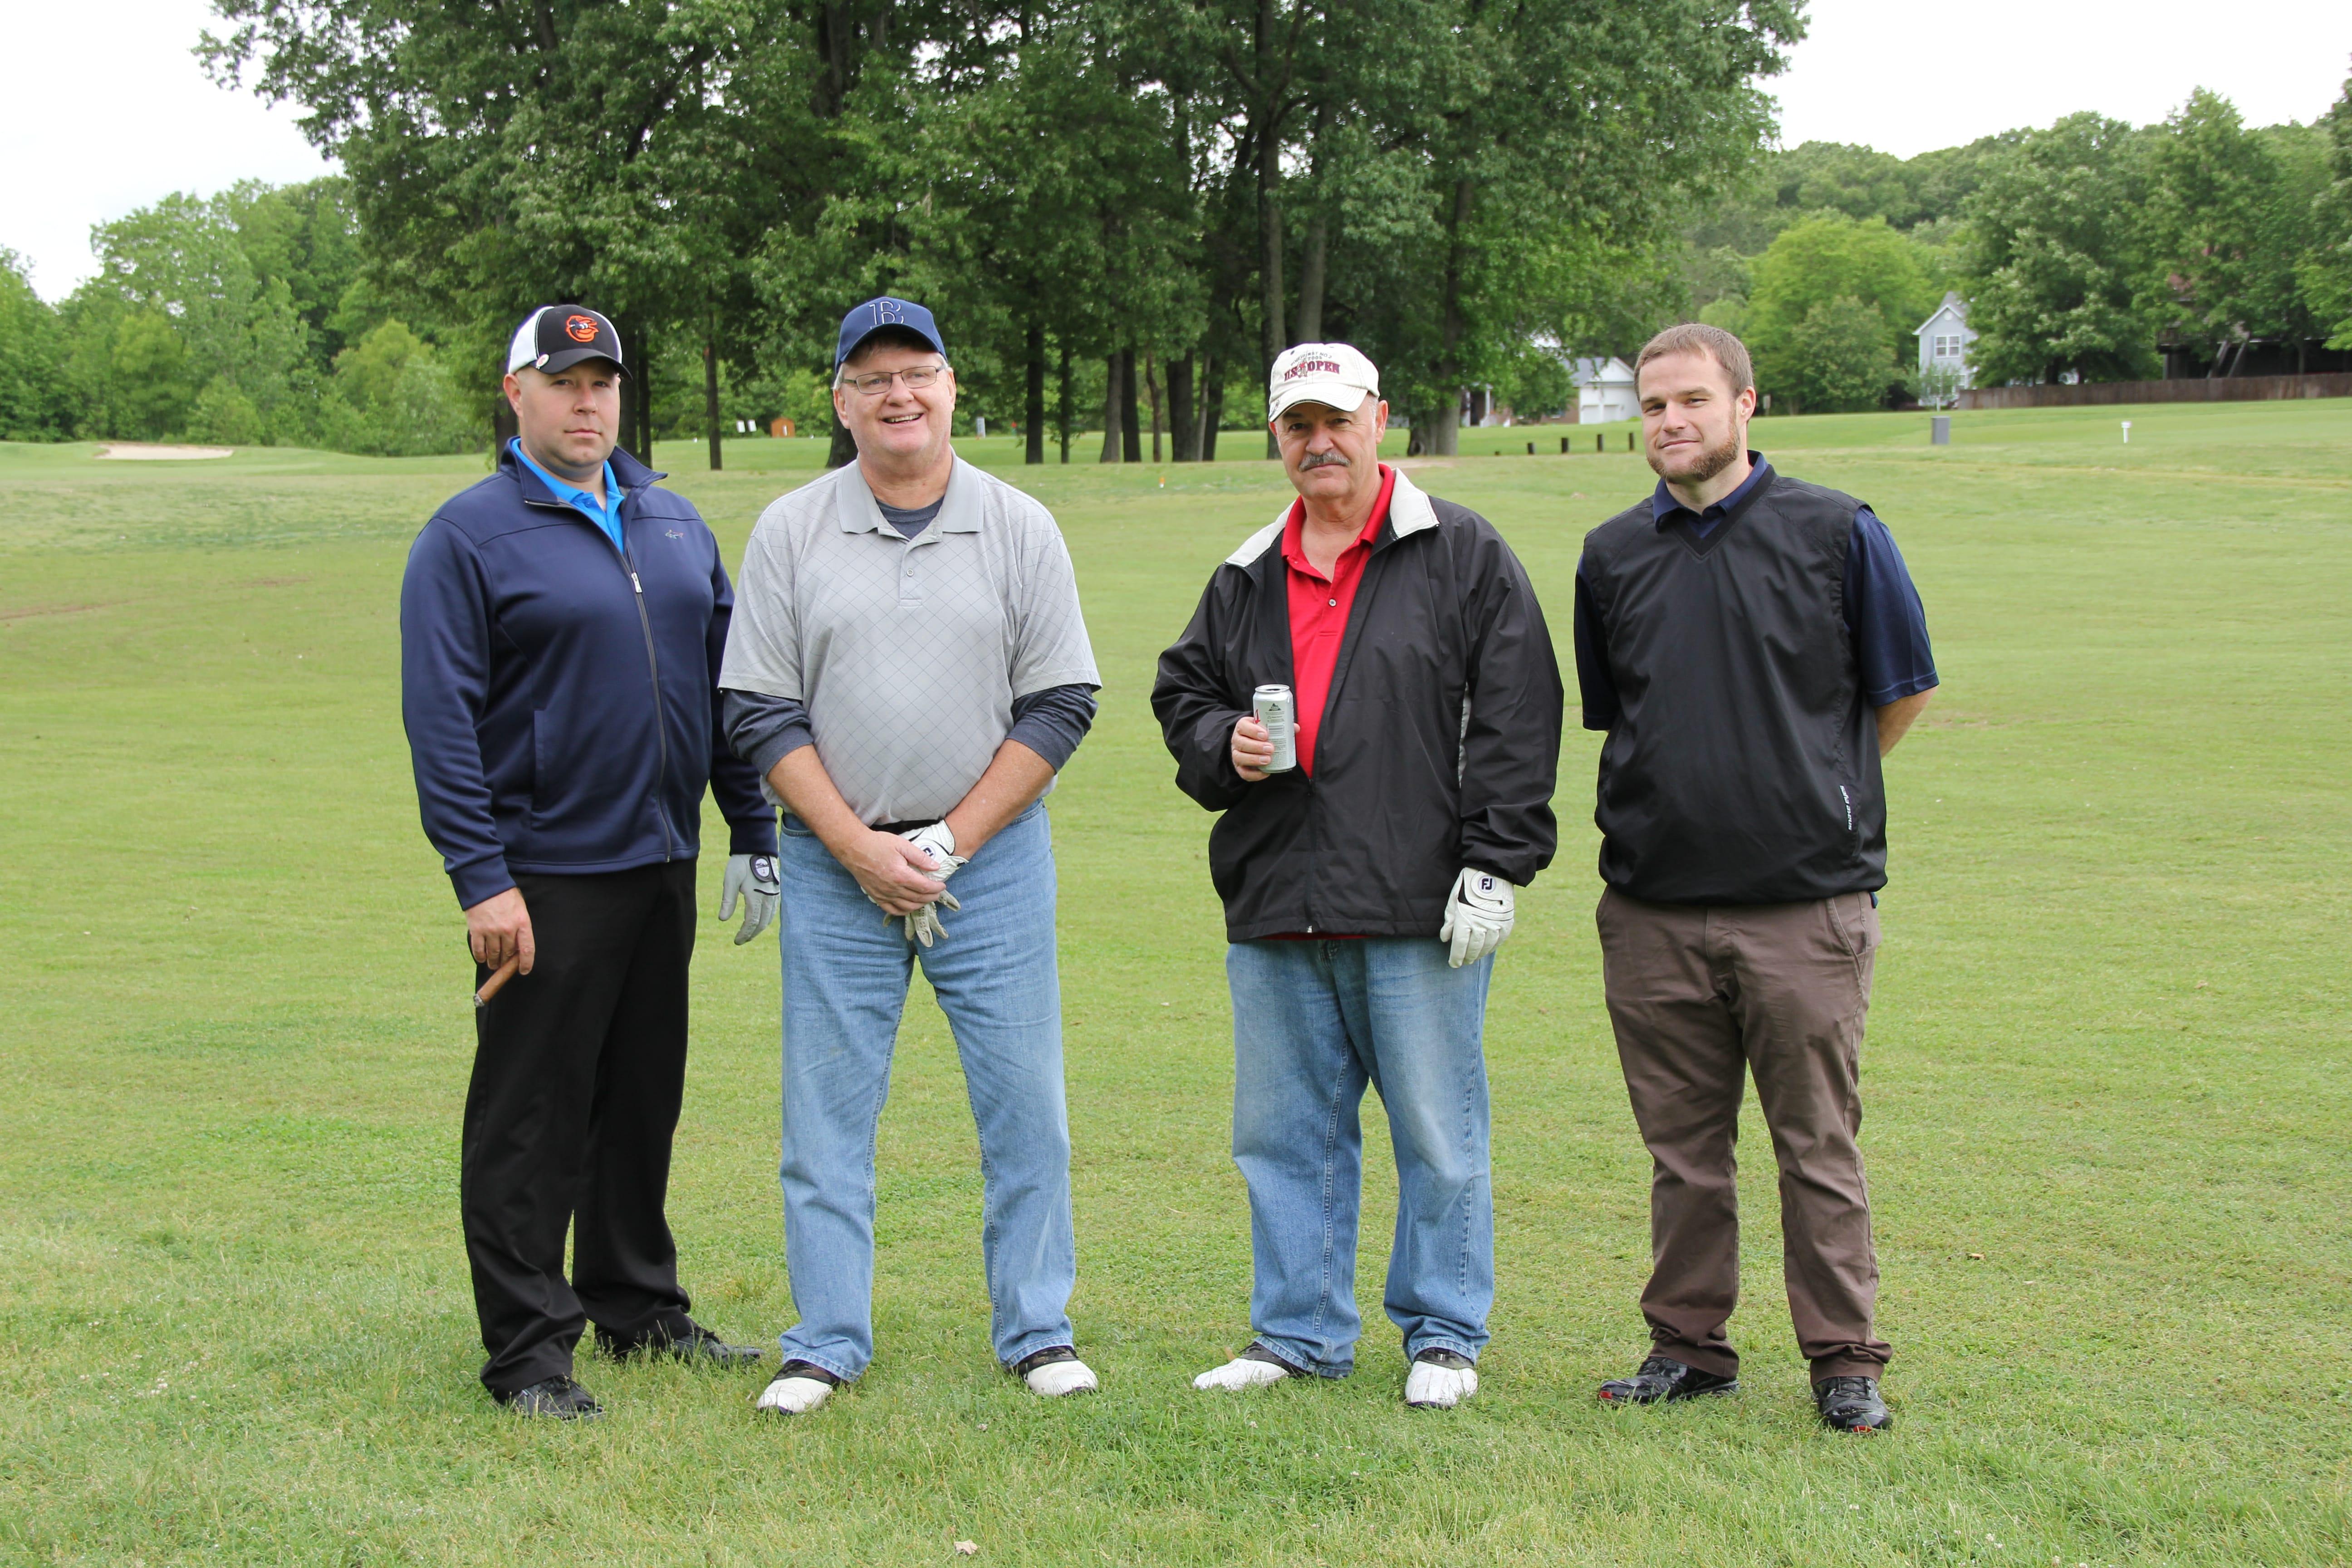 IMG_5926 - Team 10 - Dan Leddy, Sean Hill, Warren Brooks, Raymond Brooks